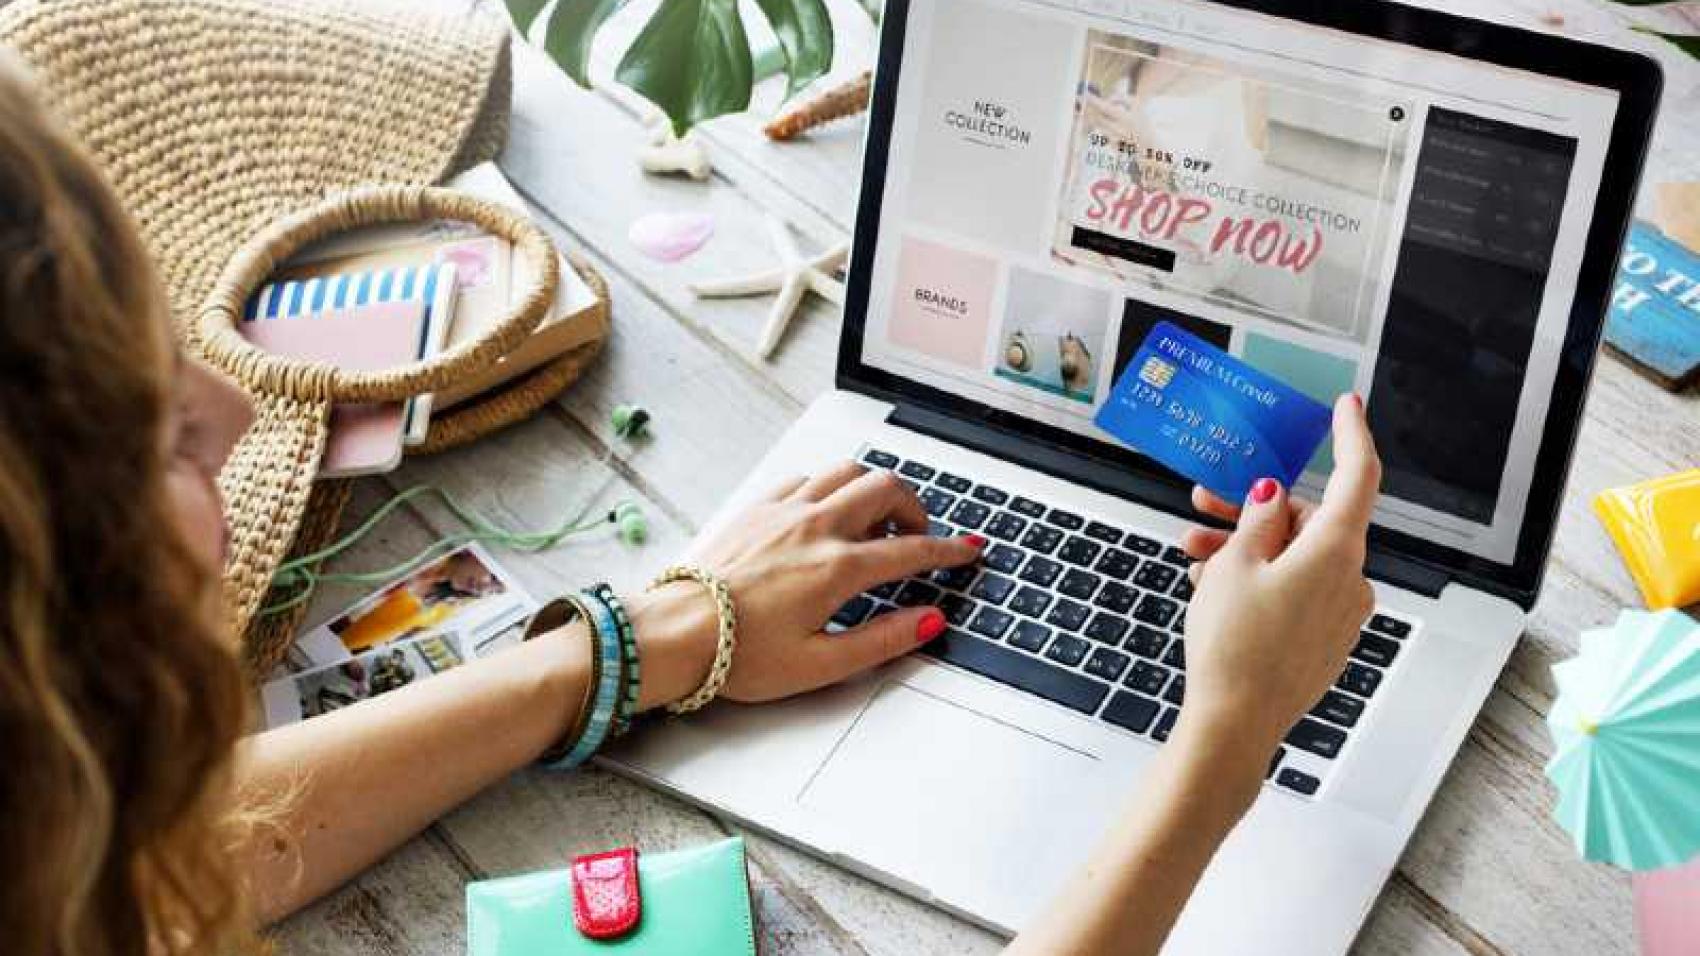 Управление репутацией интернет-магазина в соцсетях